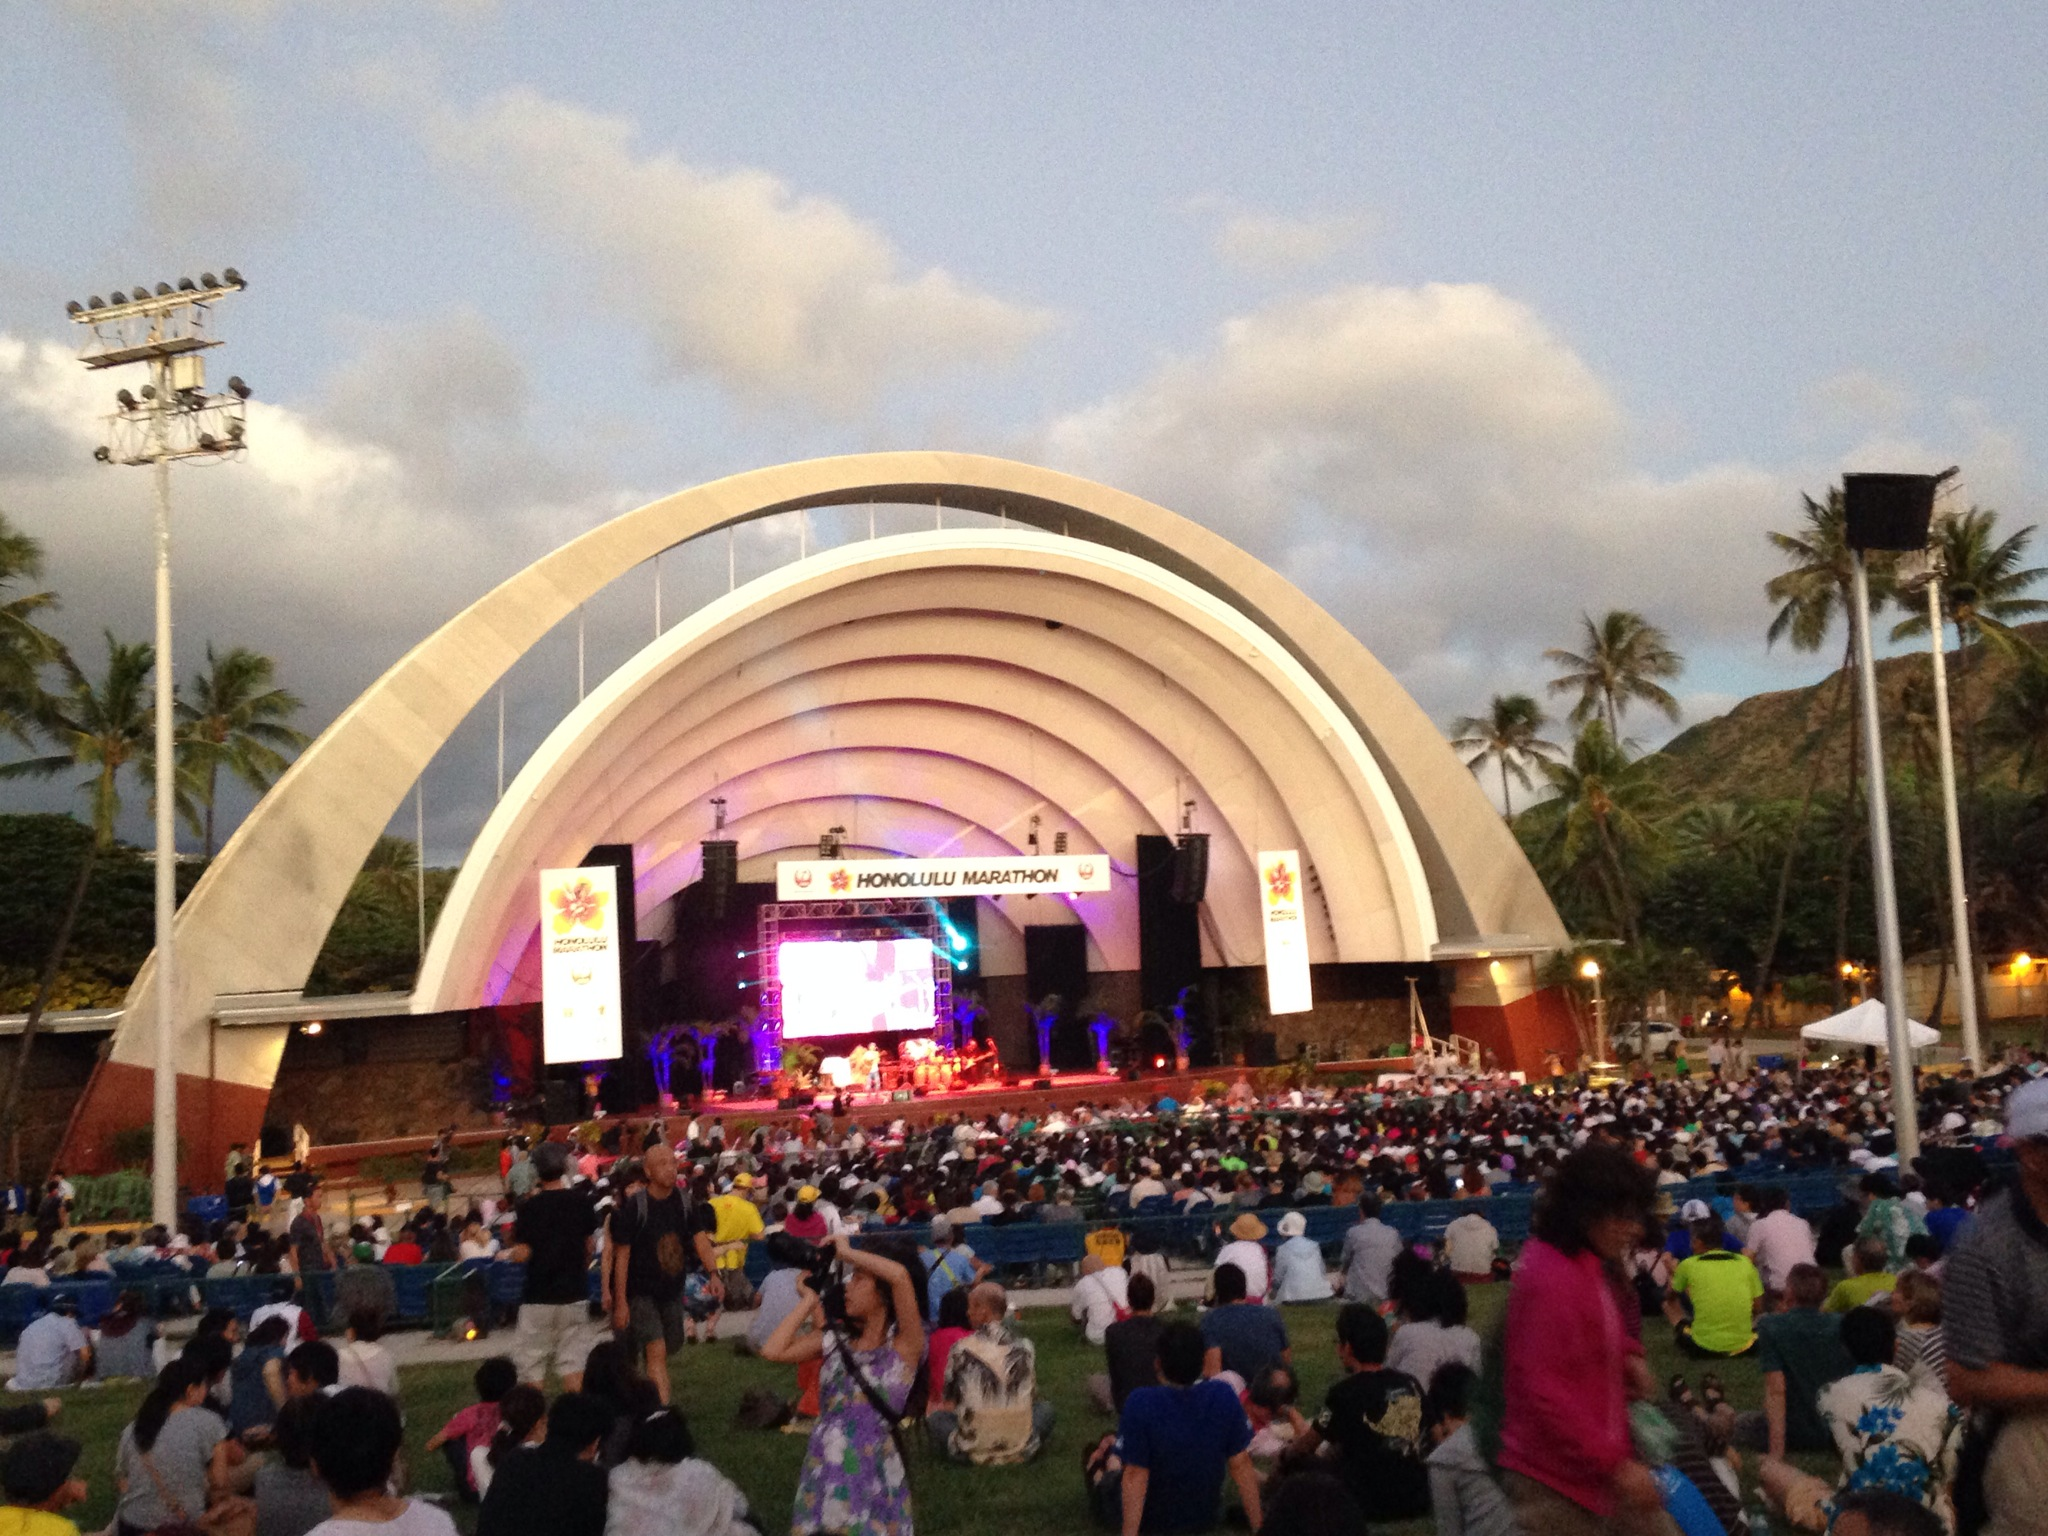 ホノルルマラソン・ルアウ。前々夜祭パーティーは、ハワイの夜風とELTのライブに浸って、マラソン気分があがるイベントでした